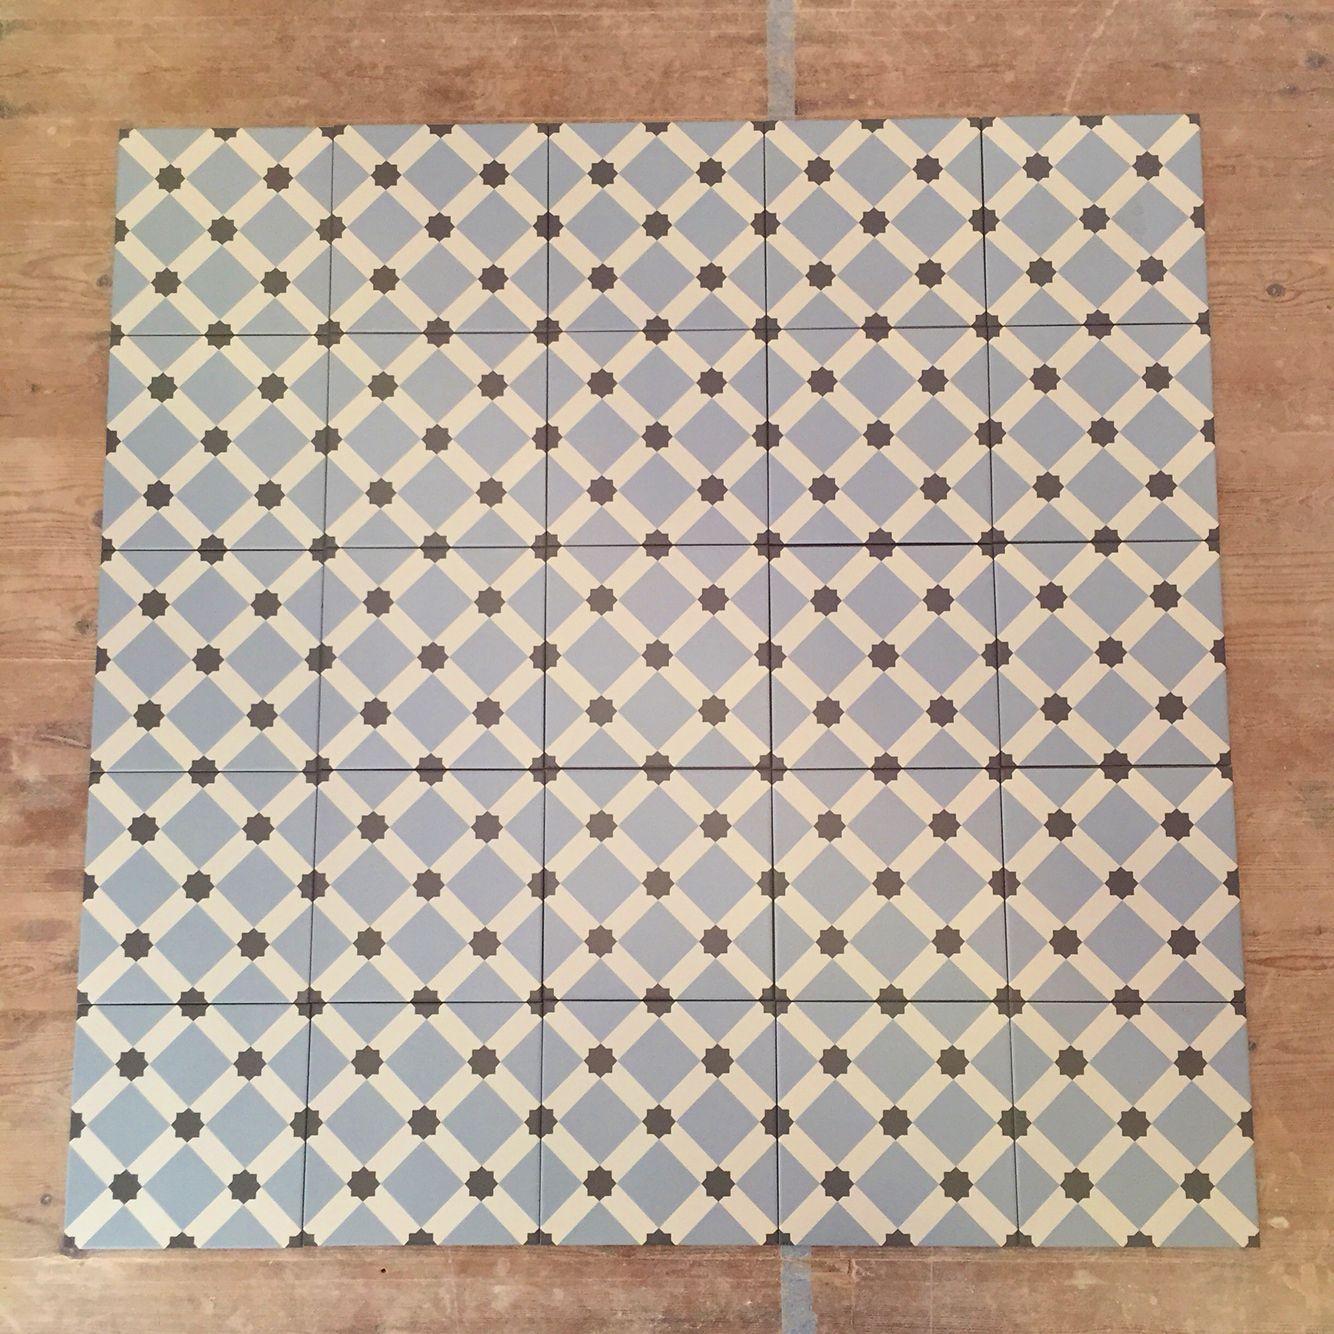 Fired Earth Hevin Glazed Patisserie Floor Tiles 20cm X 20cm 0 8cm